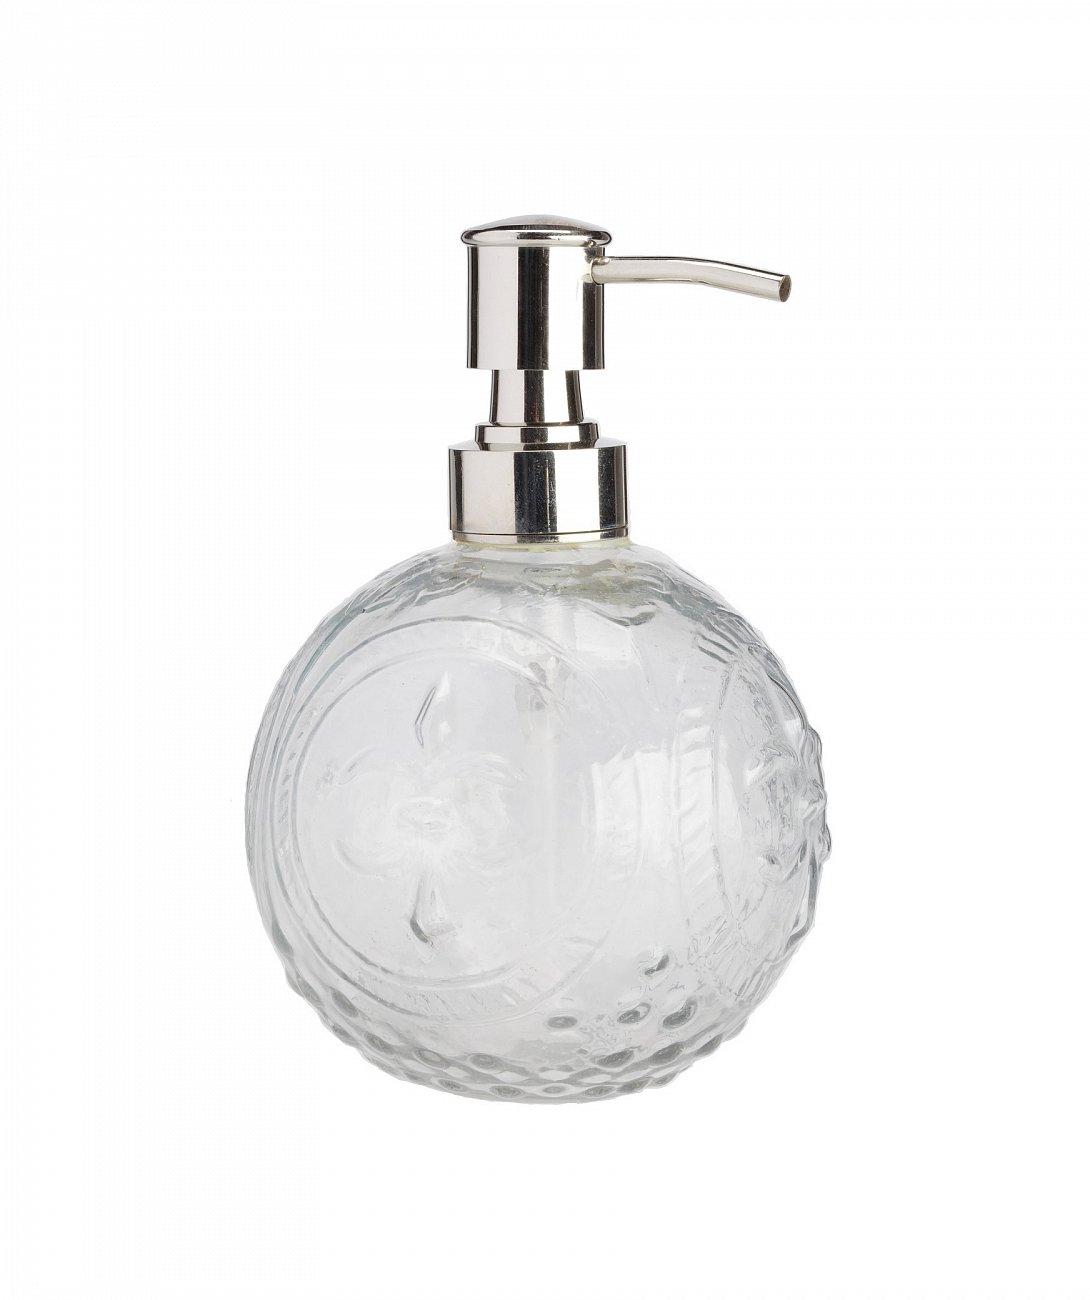 Купить Дозатор для жидкого мыла Embossed в интернет магазине дизайнерской мебели и аксессуаров для дома и дачи